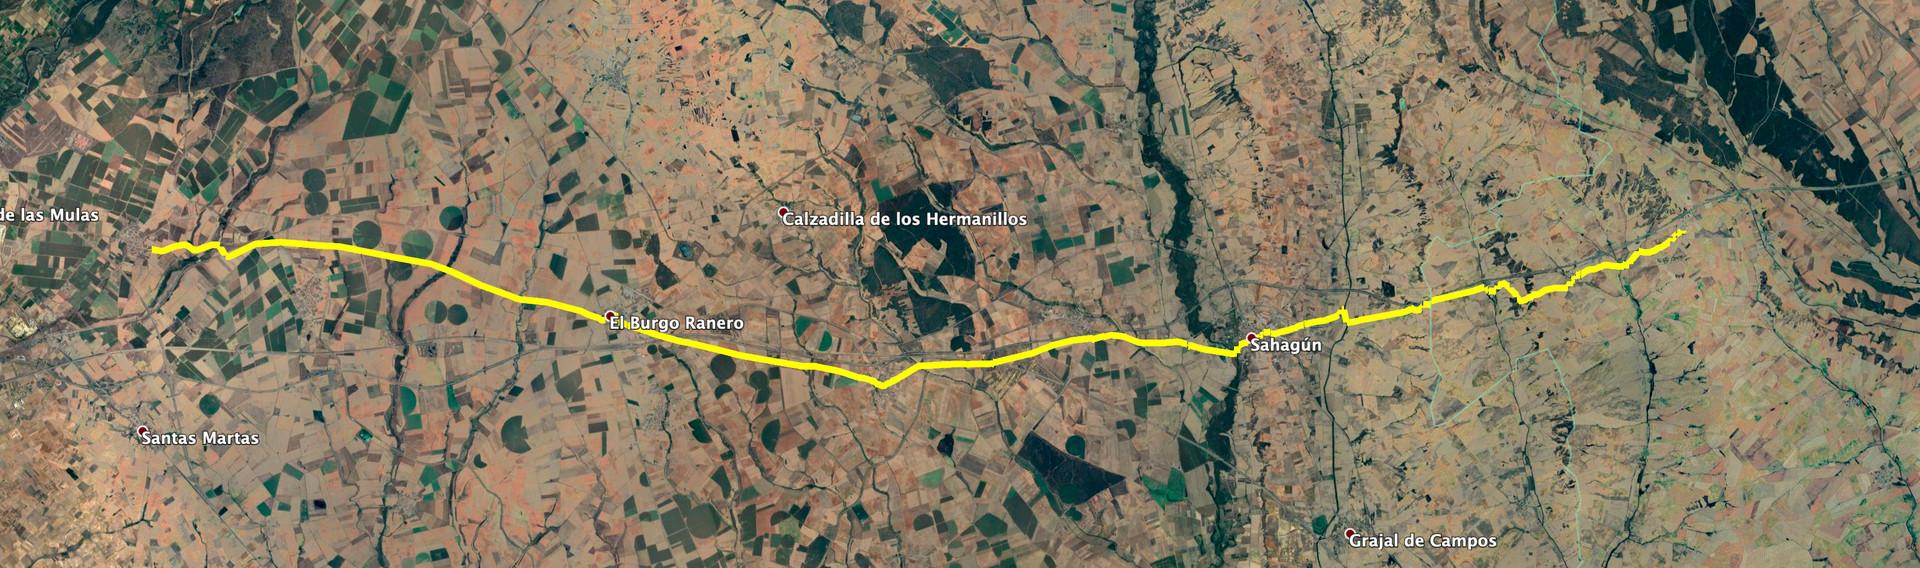 CF Day 19 Map.jpg